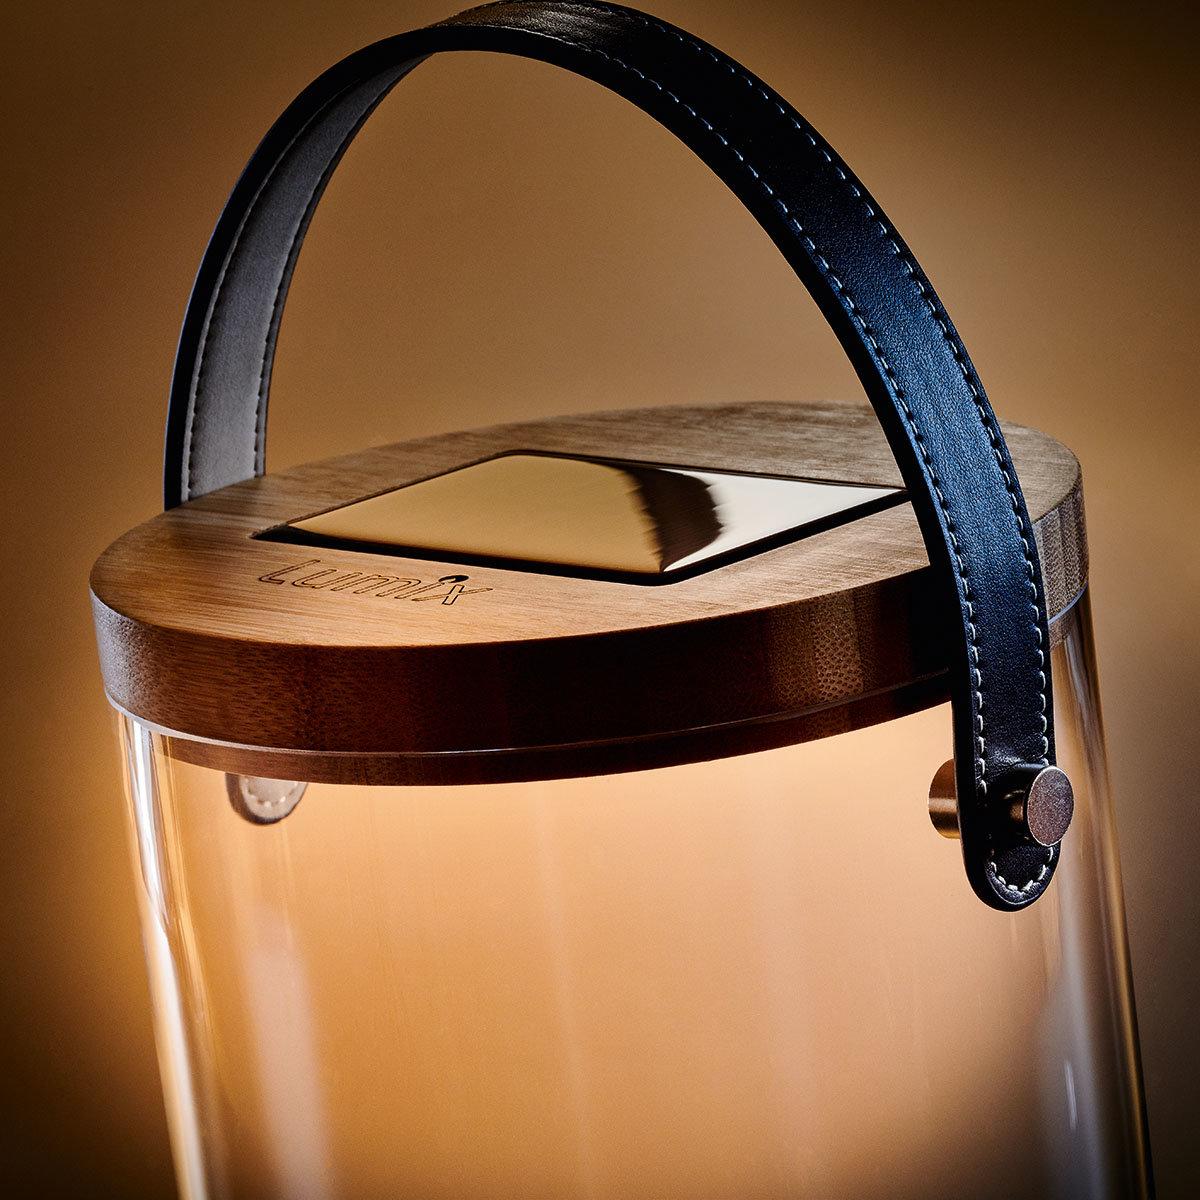 Deko Glas Bold, 31 cm, Glas, Bambus, klar | #2